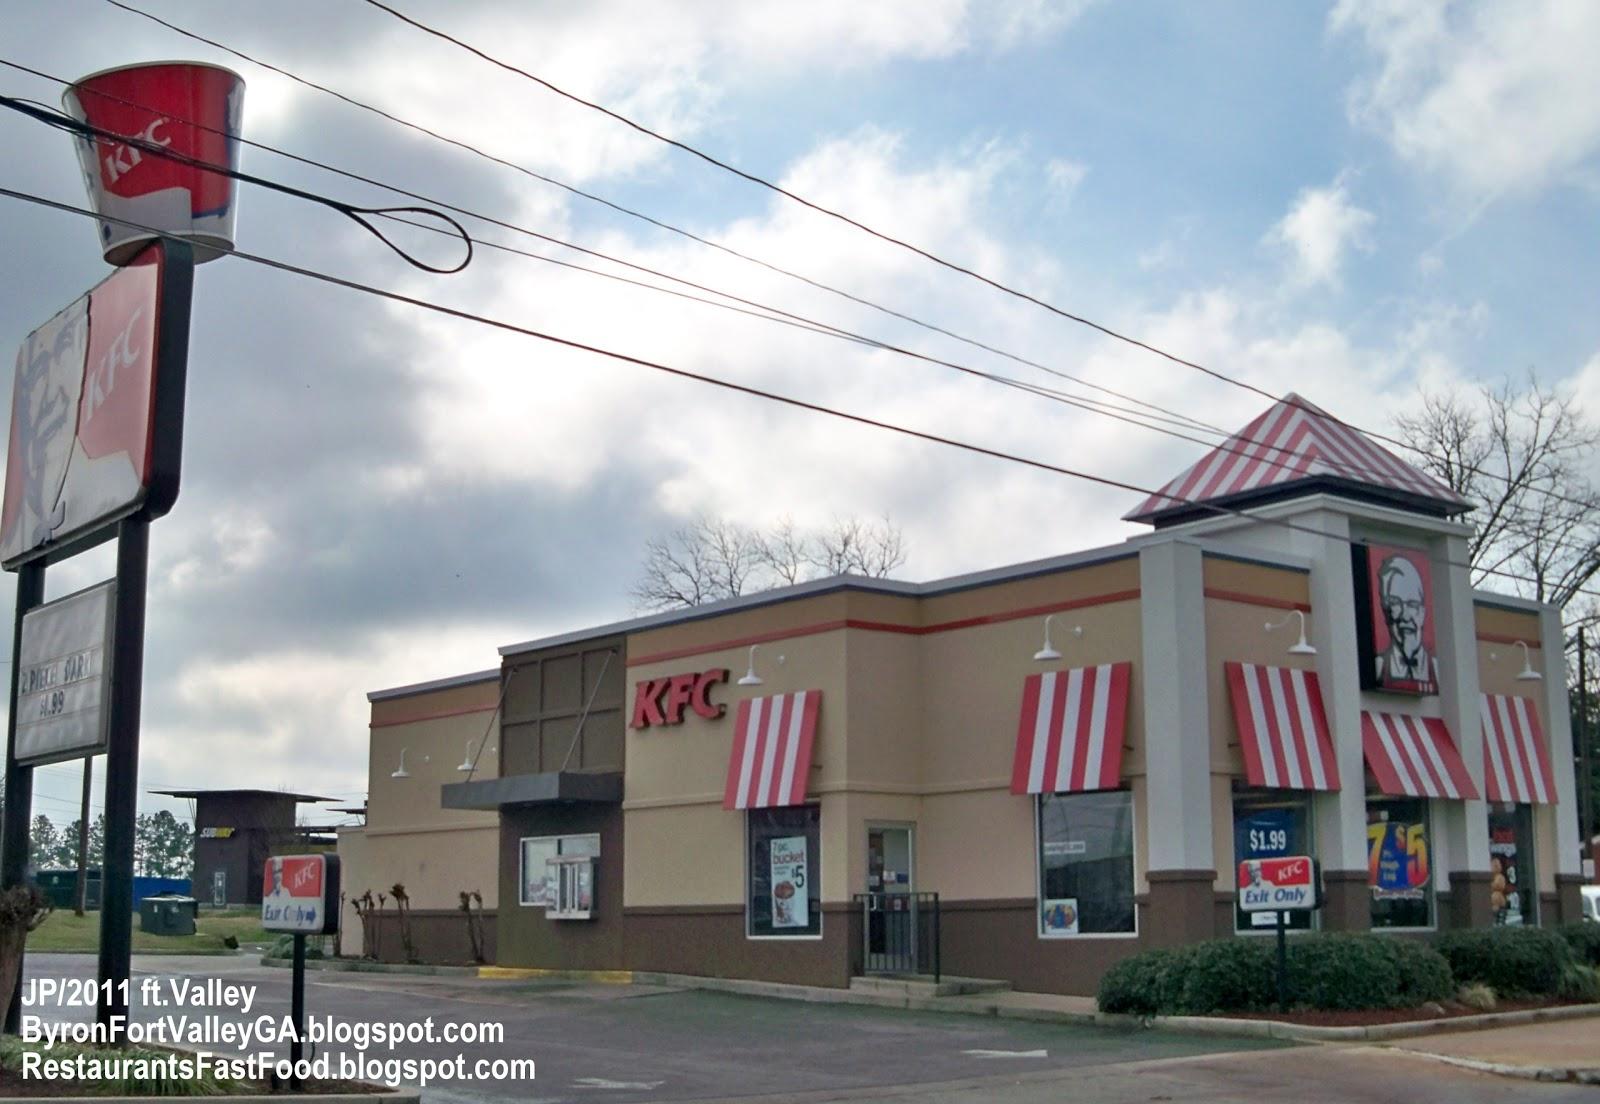 Table 6 North Canton Menu Of Restaurant Fast Food Menu Mcdonald 39 S Dq Bk Hamburger Pizza